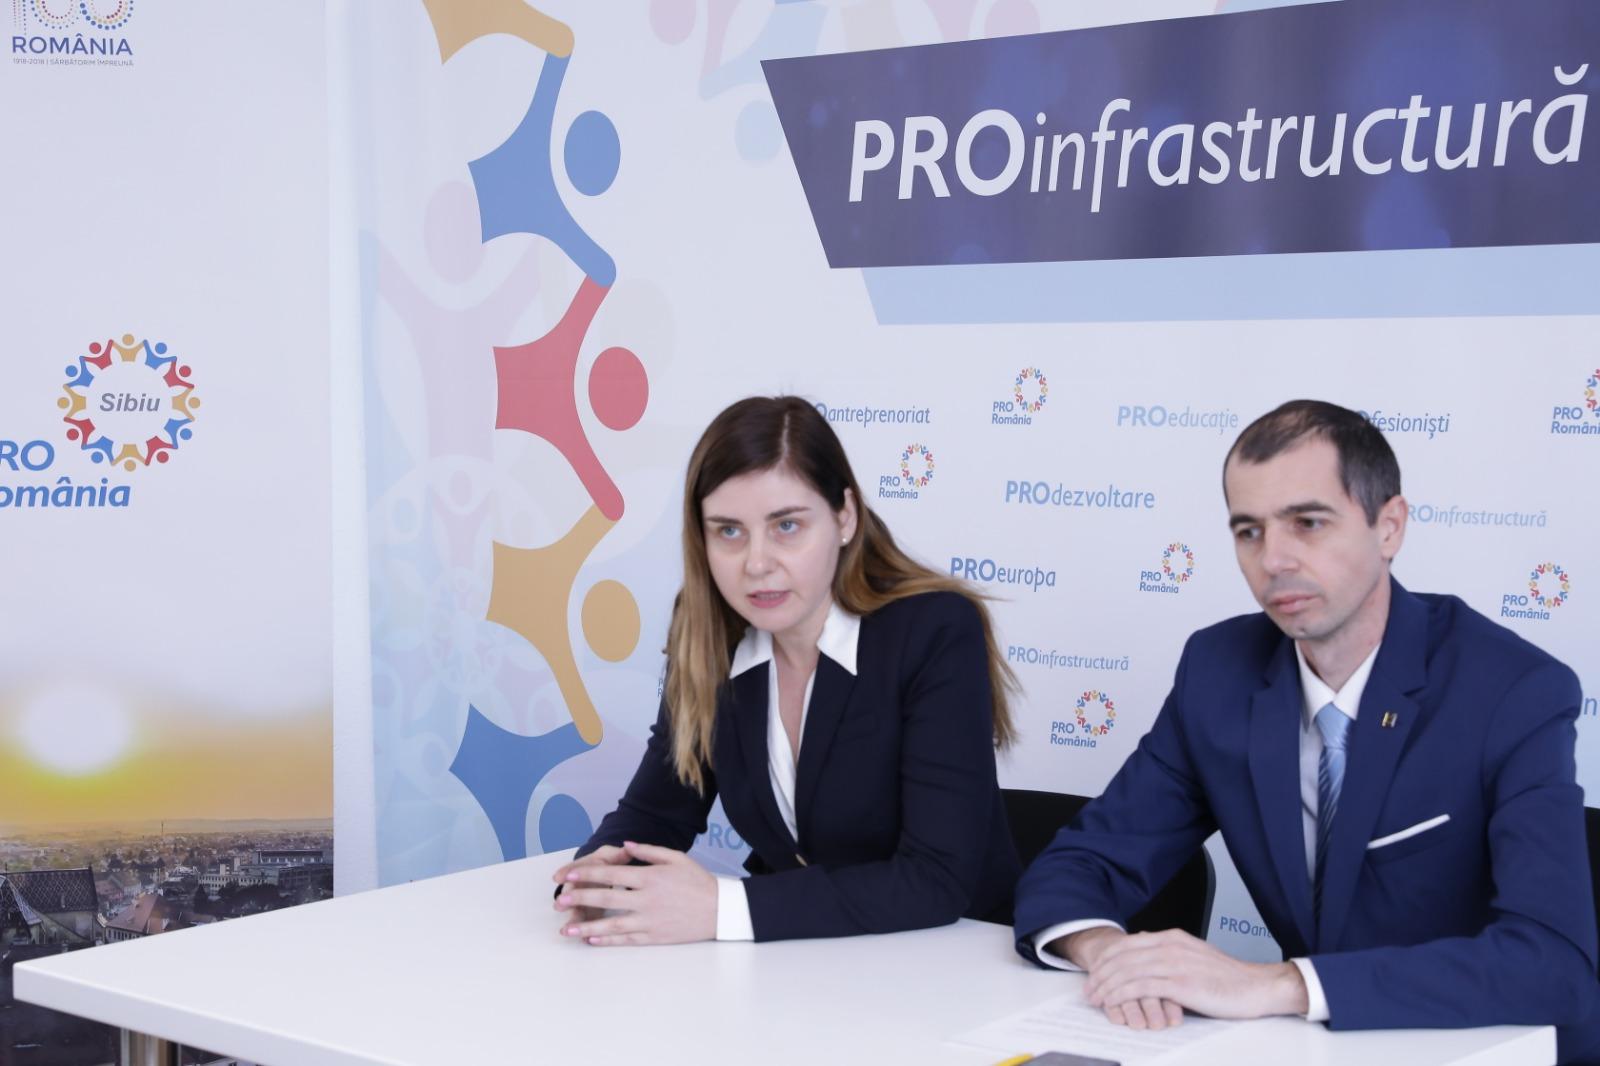 """Ioana Petrescu: """"Primăriile și consiliile locale trebuie să se axeze mai mult ca oricând pe accesarea fondurilor europene"""""""